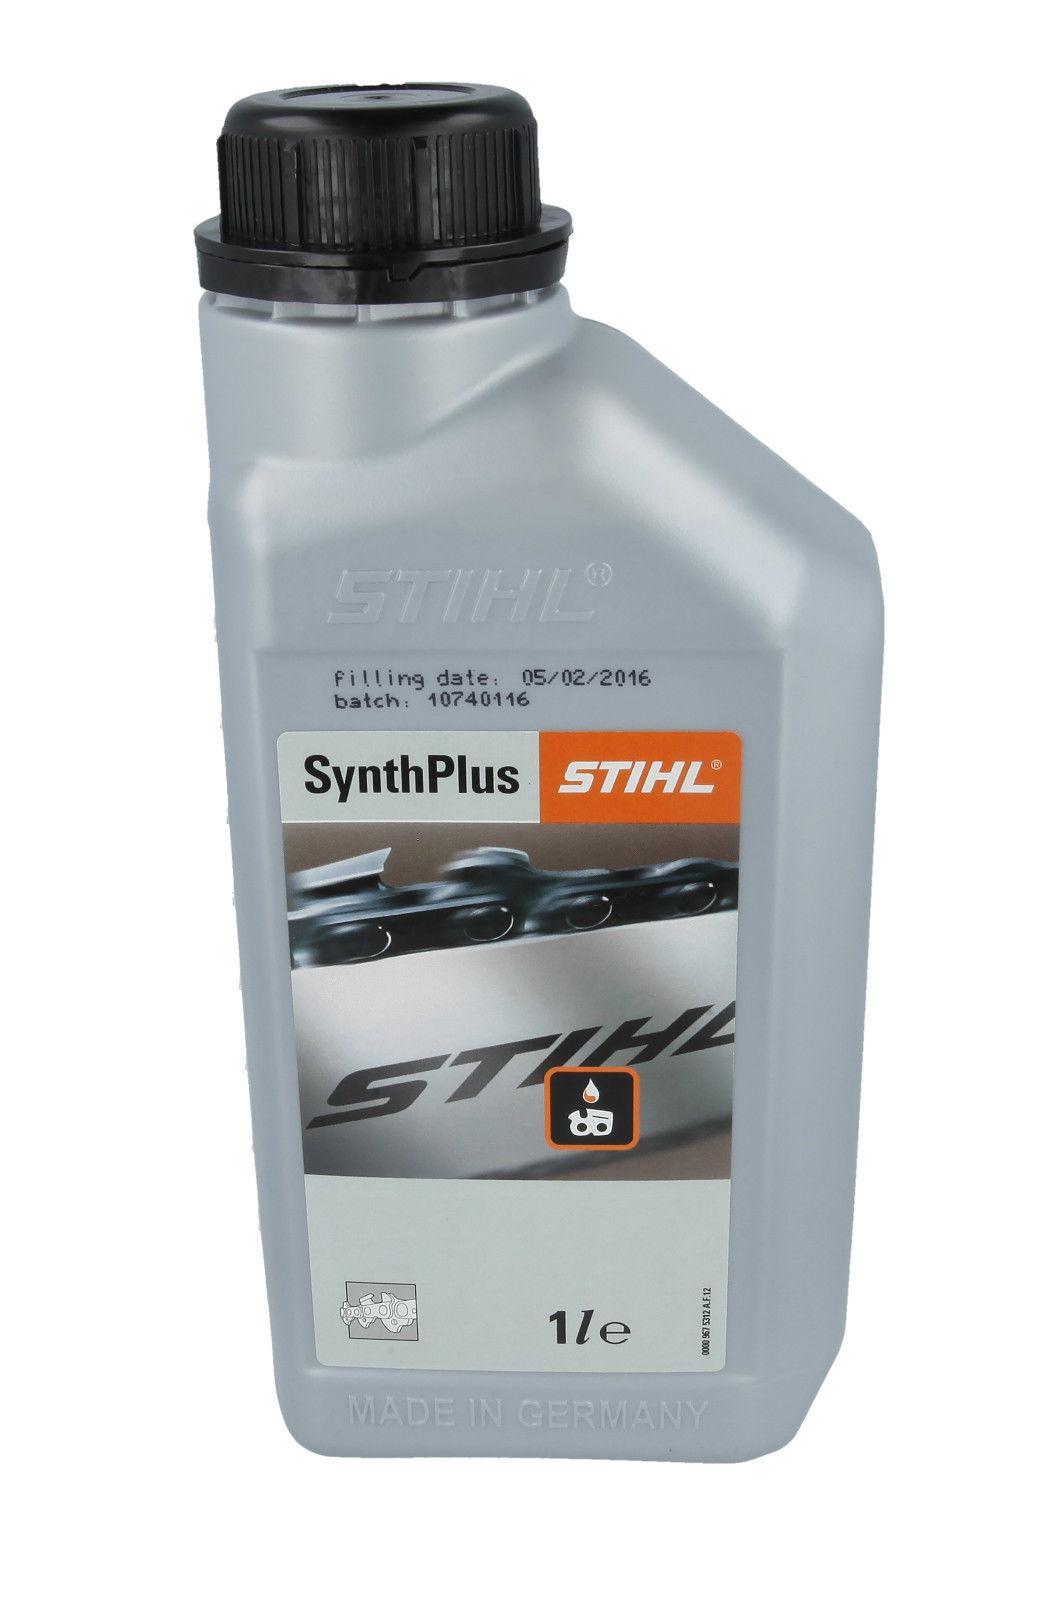 Масло для бензопилы - какое использовать для смазки цепи, для бензина, соотношение и пропорции